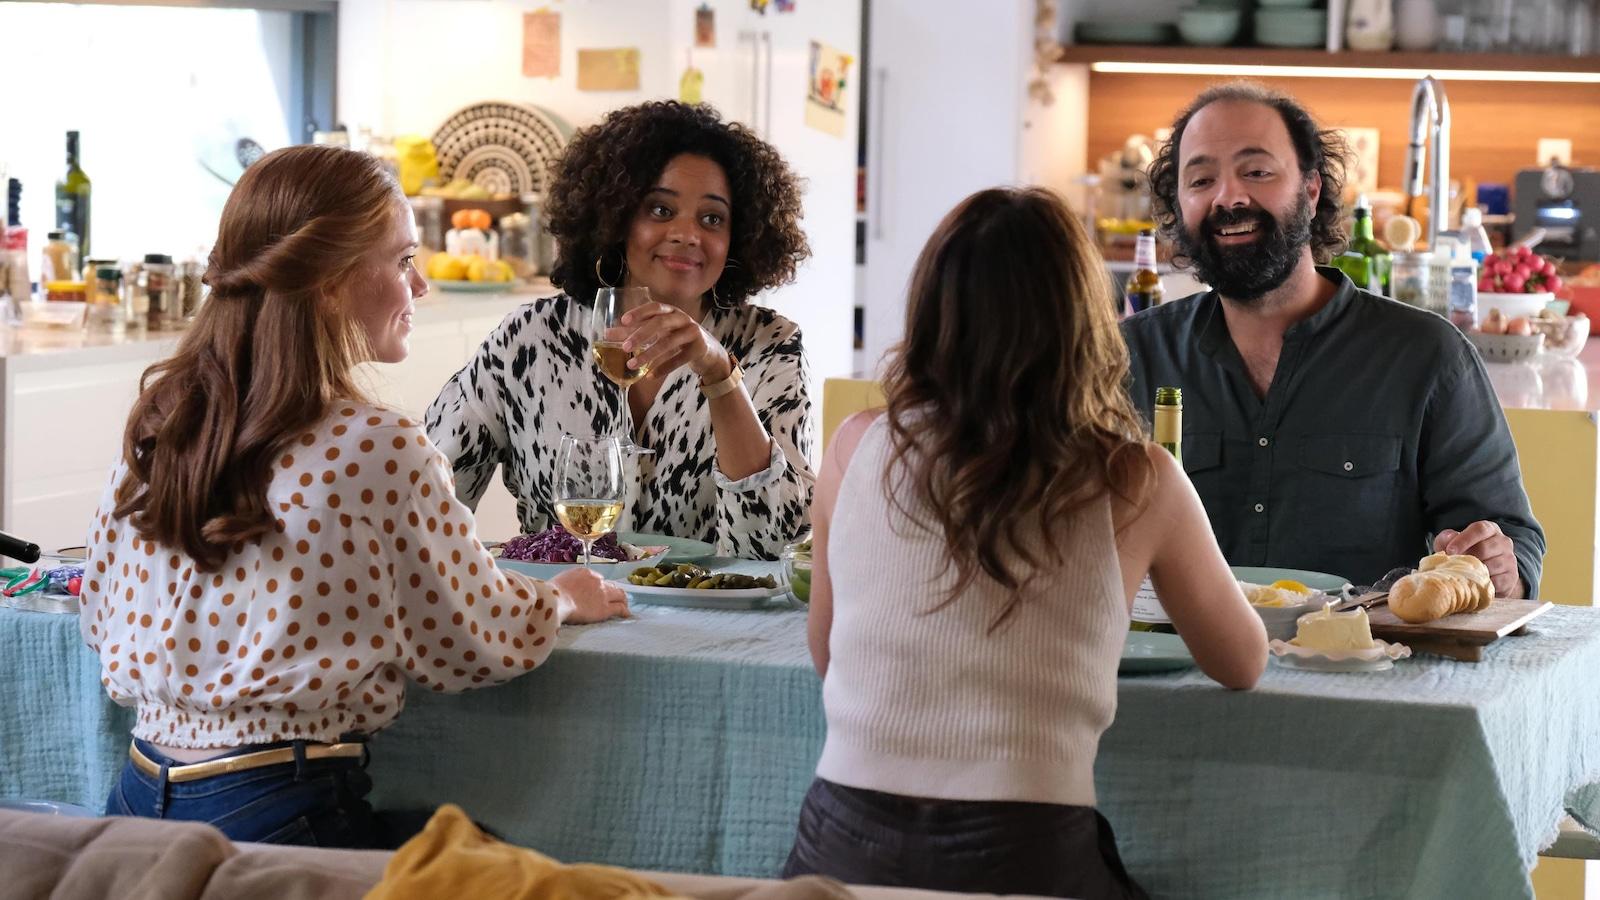 Catherine Bérubé, Anna Beaupré Moulounda, Mélissa Désormeaux-Poulin et Mani Soleymanlou discutent autour d'une table.